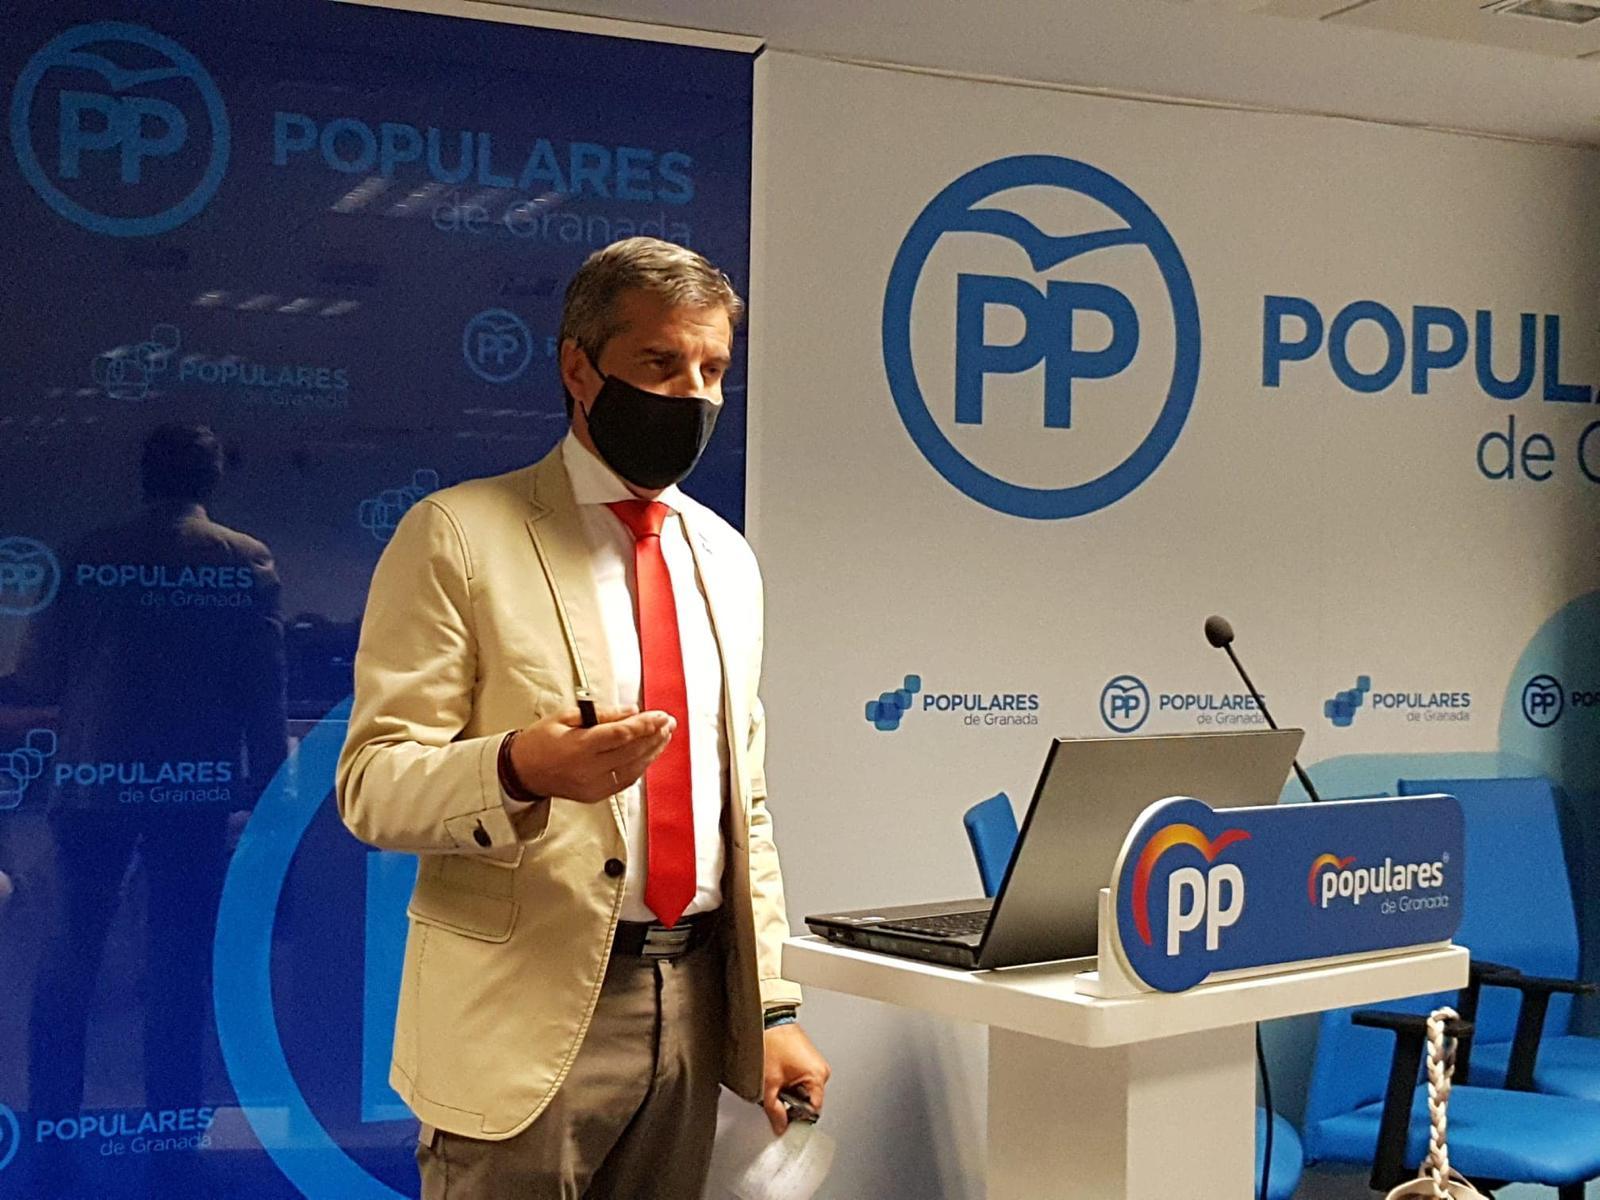 El PP aspira a «reeditar» el pacto con Cs sin Salvador de alcalde, con apoyos de Vox y no adscritos